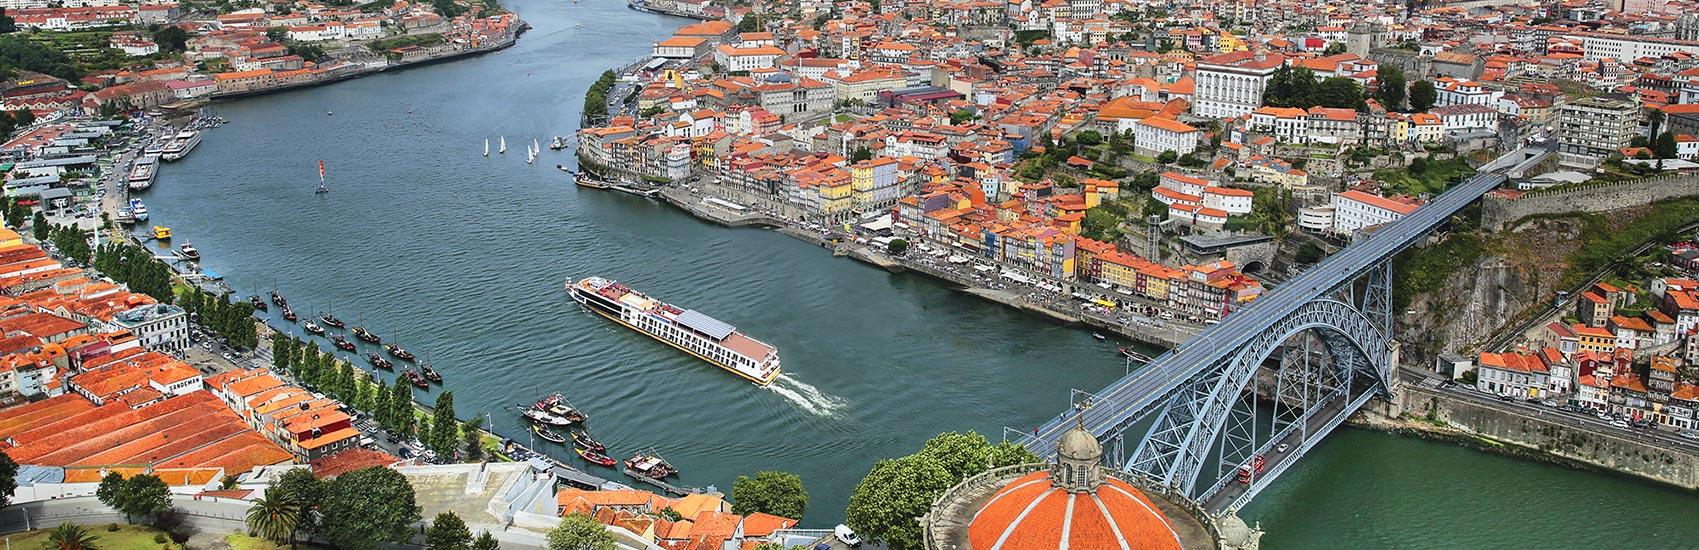 Des réductions exceptionnelles : 2 pour 1 sur certaines croisières fluviales européennes 4